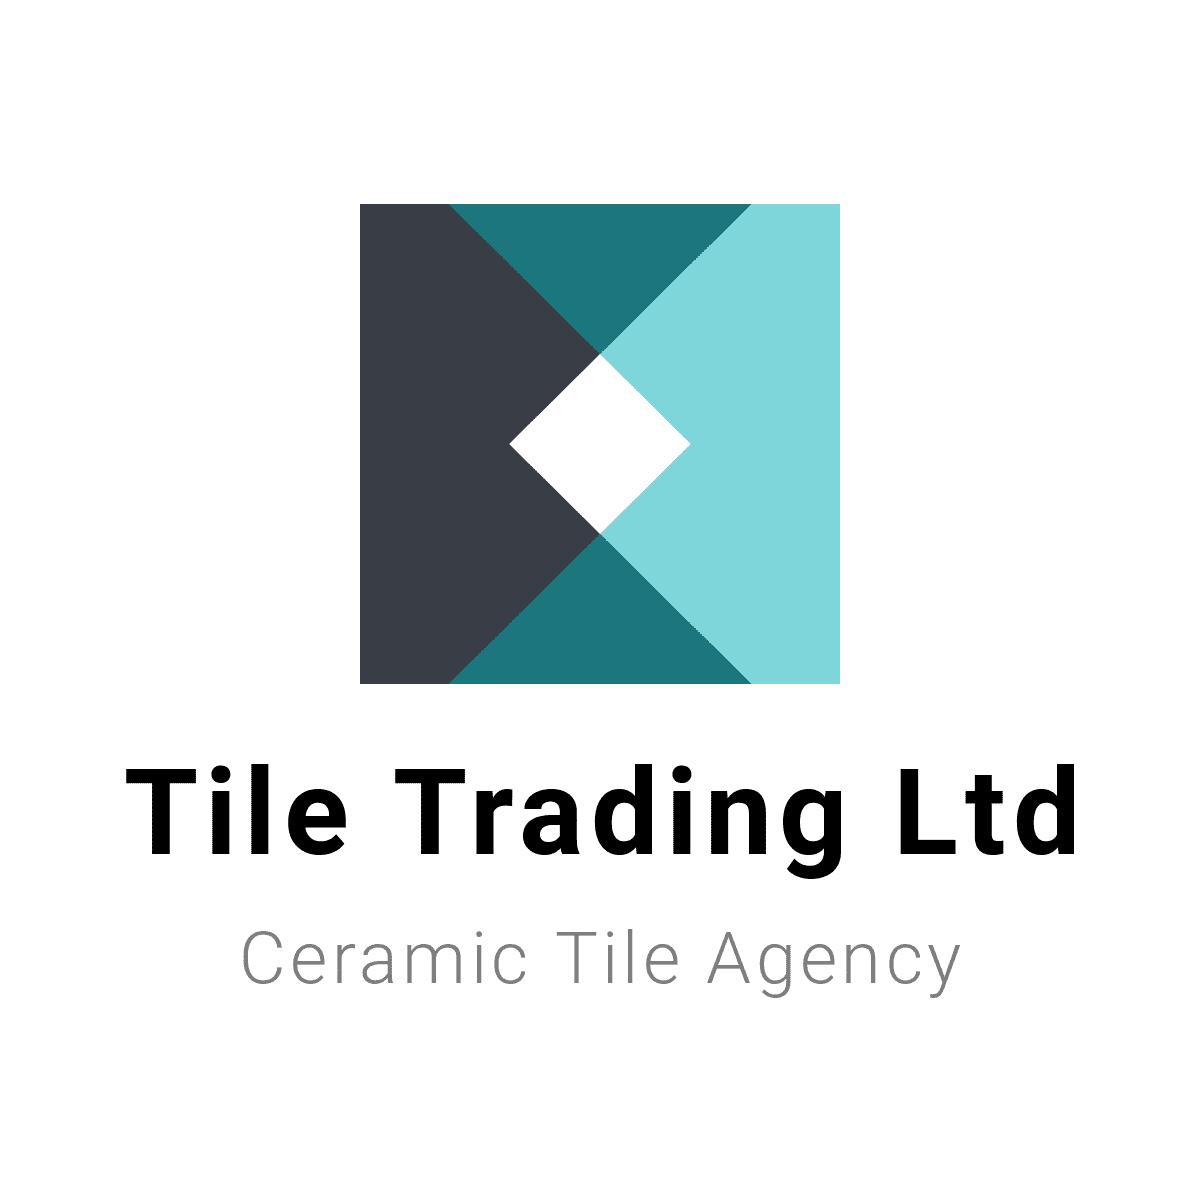 Tile Trading Ltd